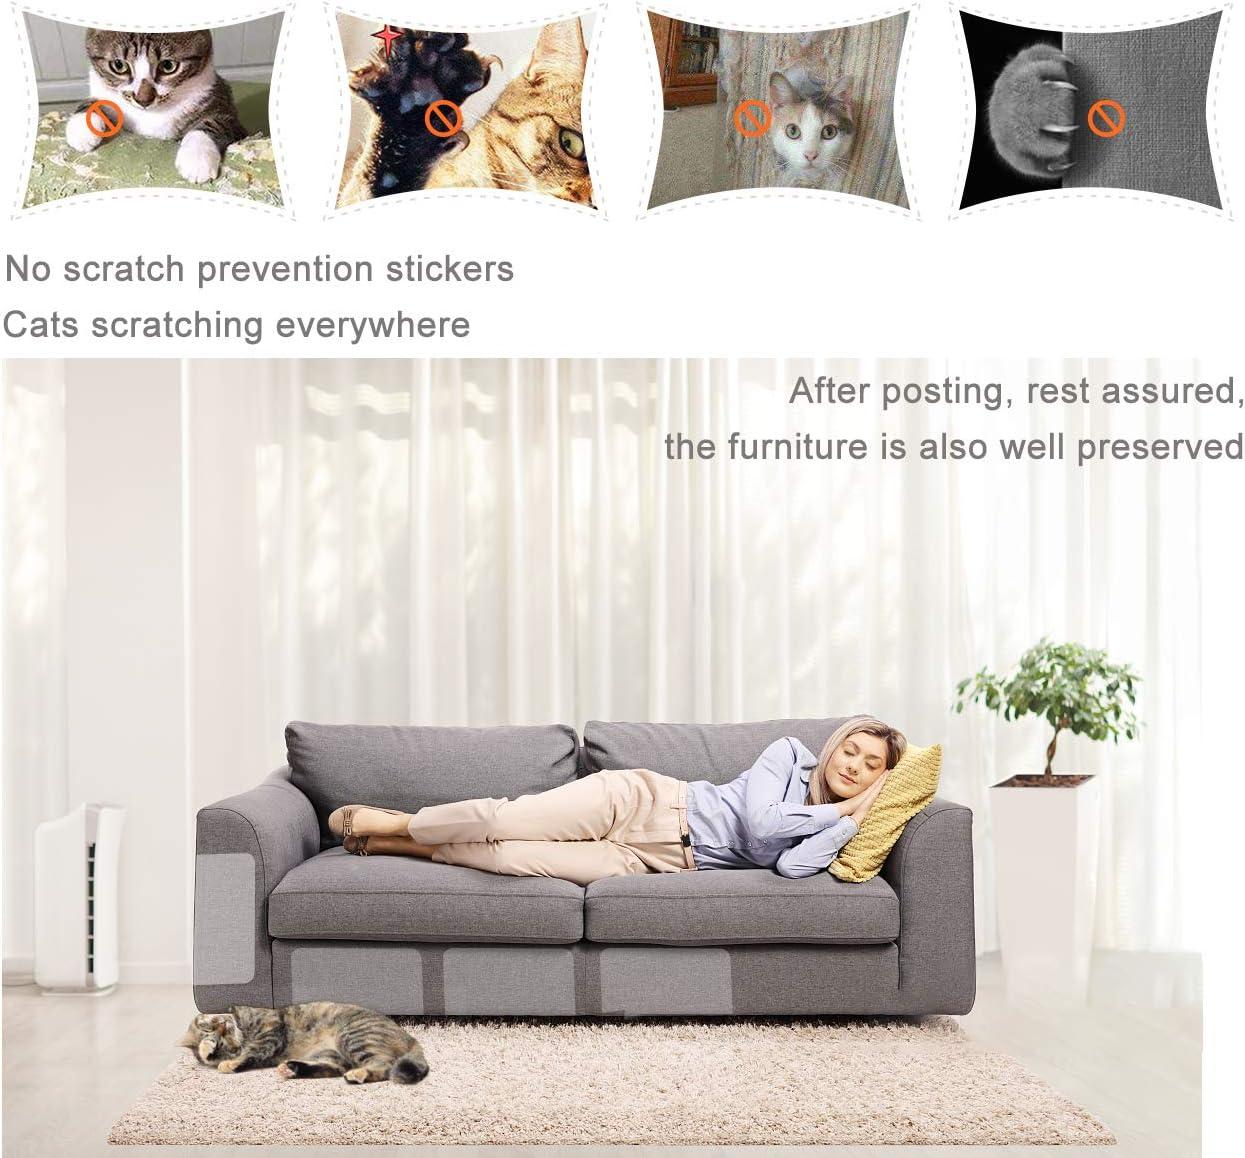 Protectores de sof/á de Mascotas Protector de ara/ñazos para Gatos con pasadores Protector de sof/á para Gatos Cinta Adhesiva de Patas de Gato para sof/á Gwolf Protectores de Muebles para Gatos